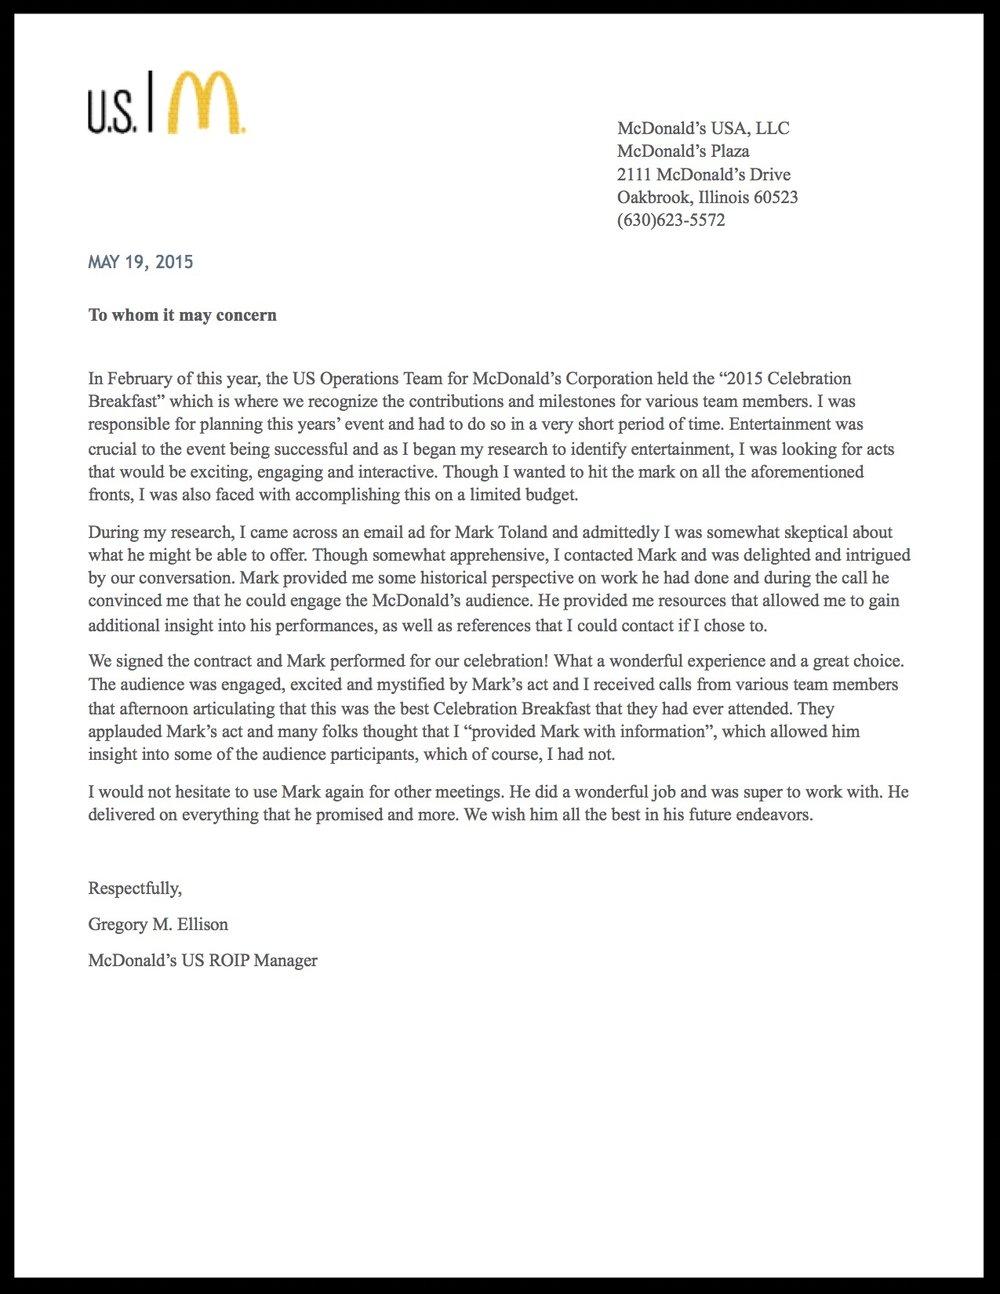 McDonald's Rec Letter copy.jpg